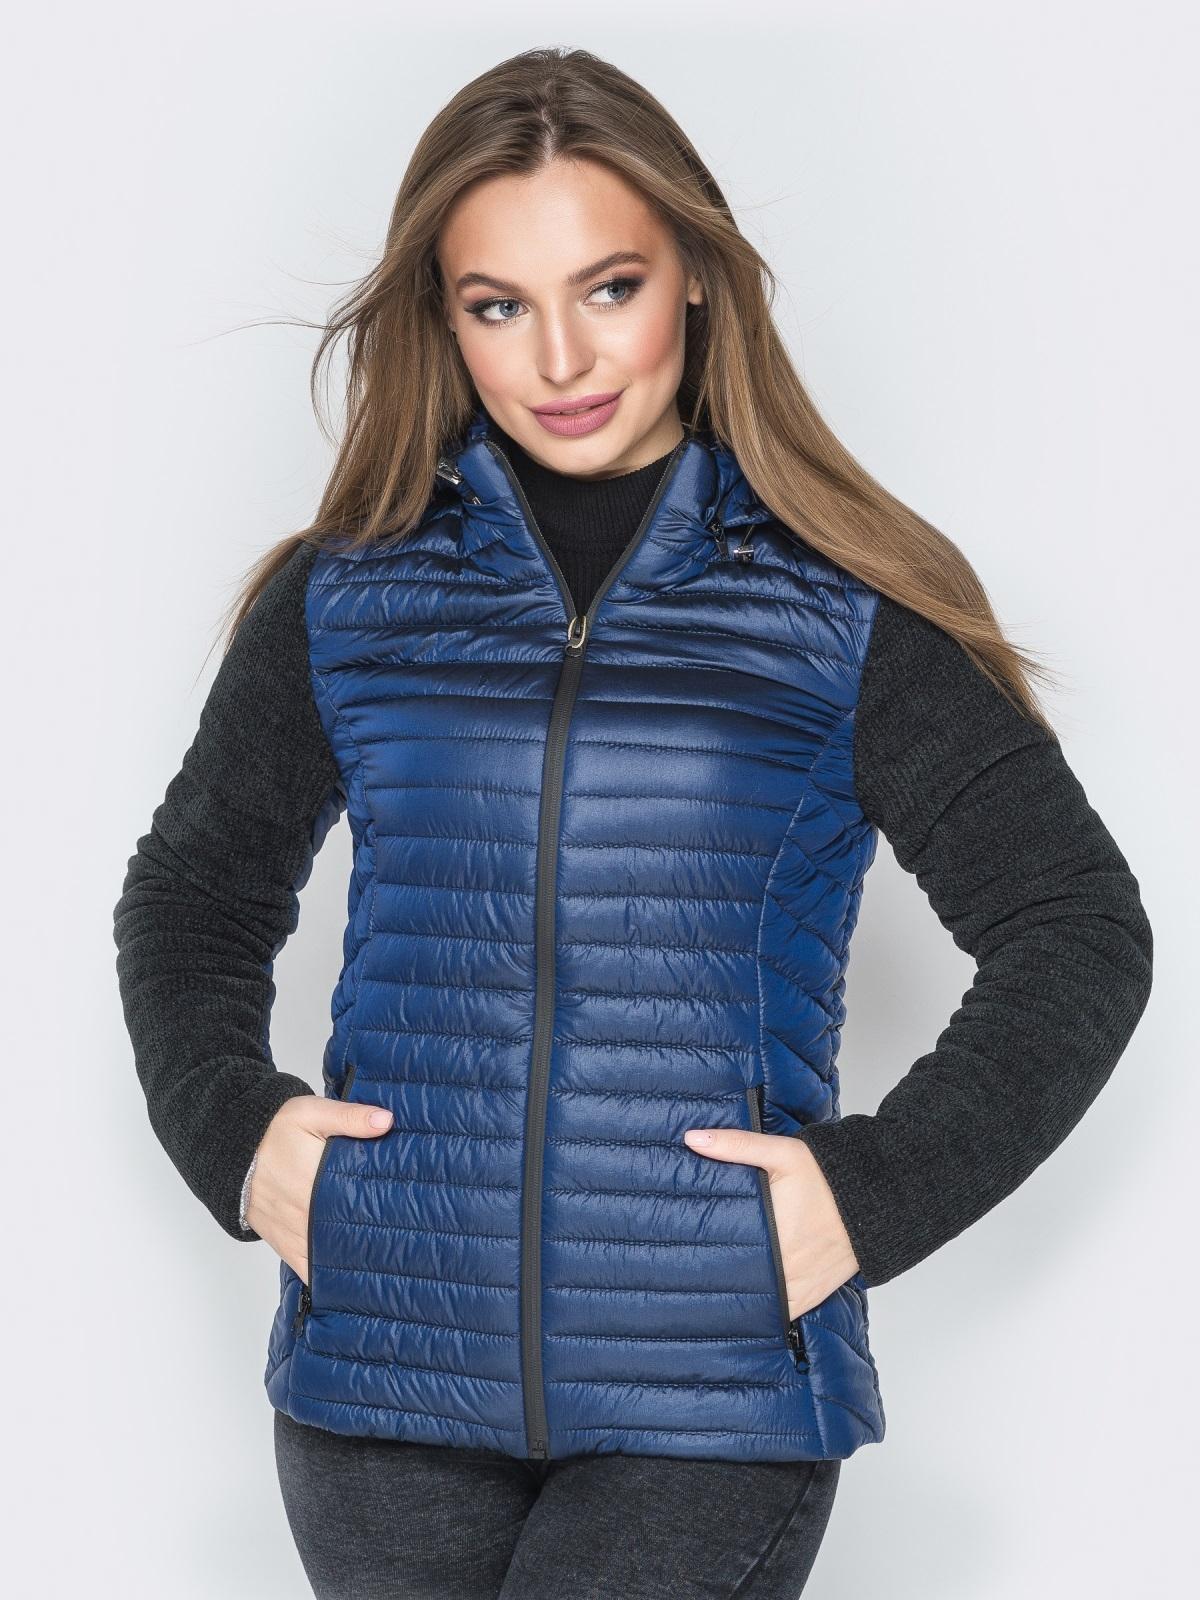 Синяя куртка с капюшоном на кулиске и велюровыми рукавами - 20287, фото 1 – интернет-магазин Dressa